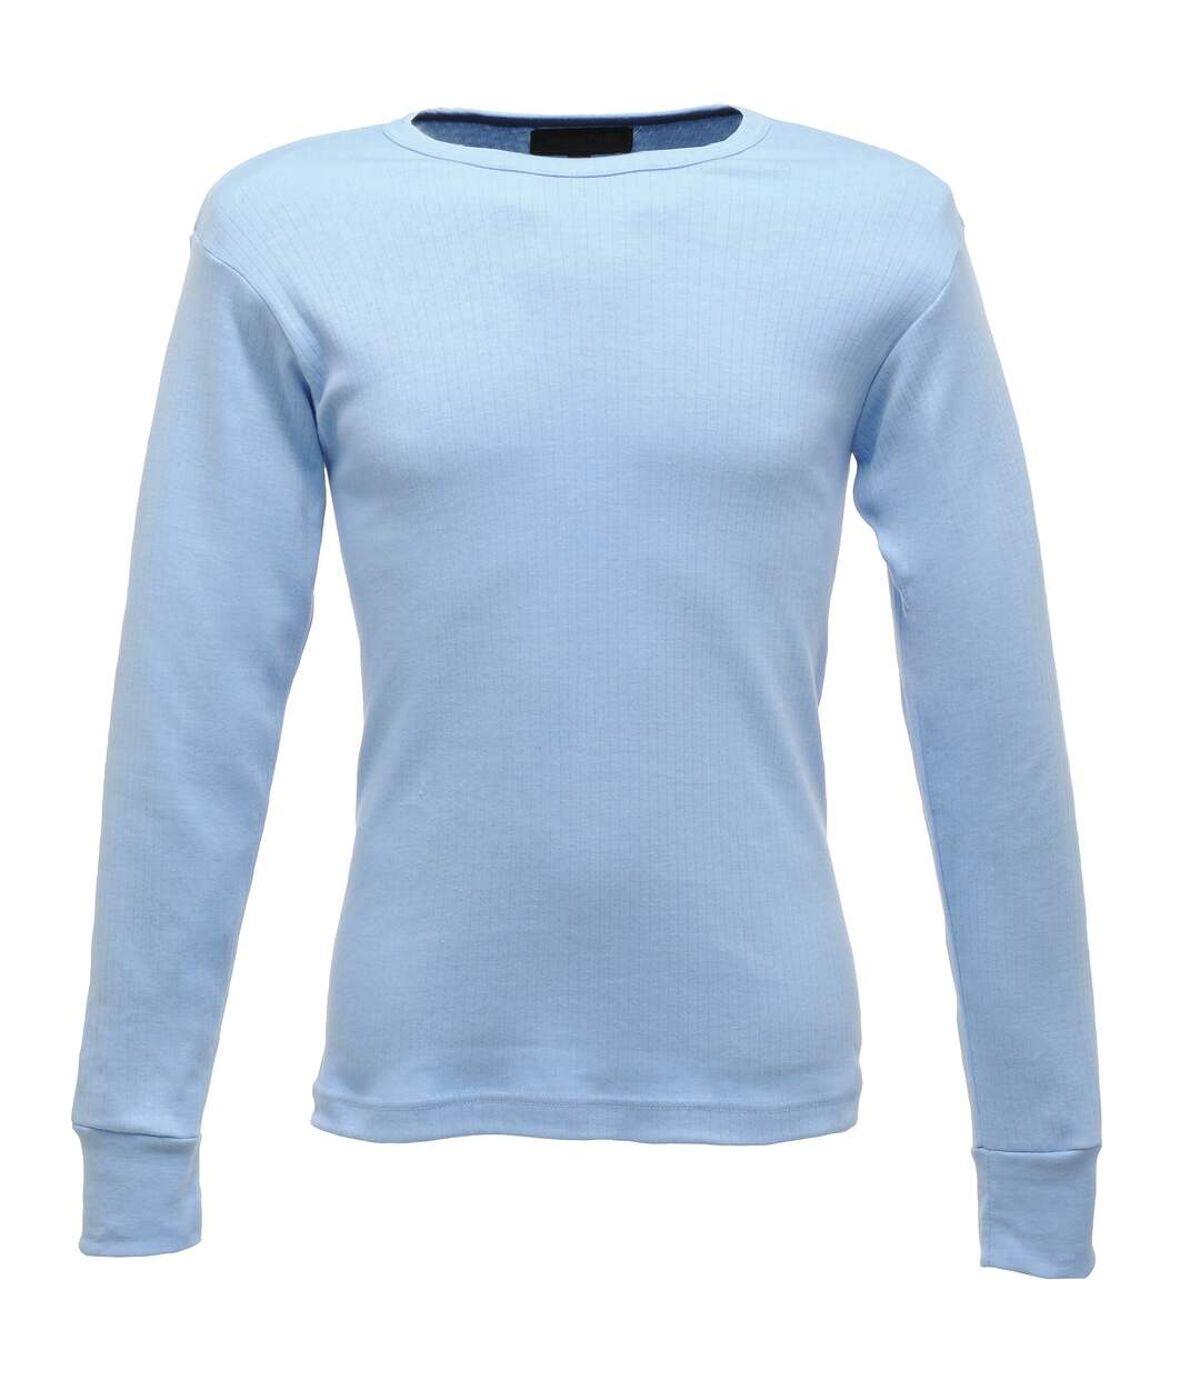 Regatta - T-shirt thermique à manche longues - Homme (Bleu) - UTRW1259